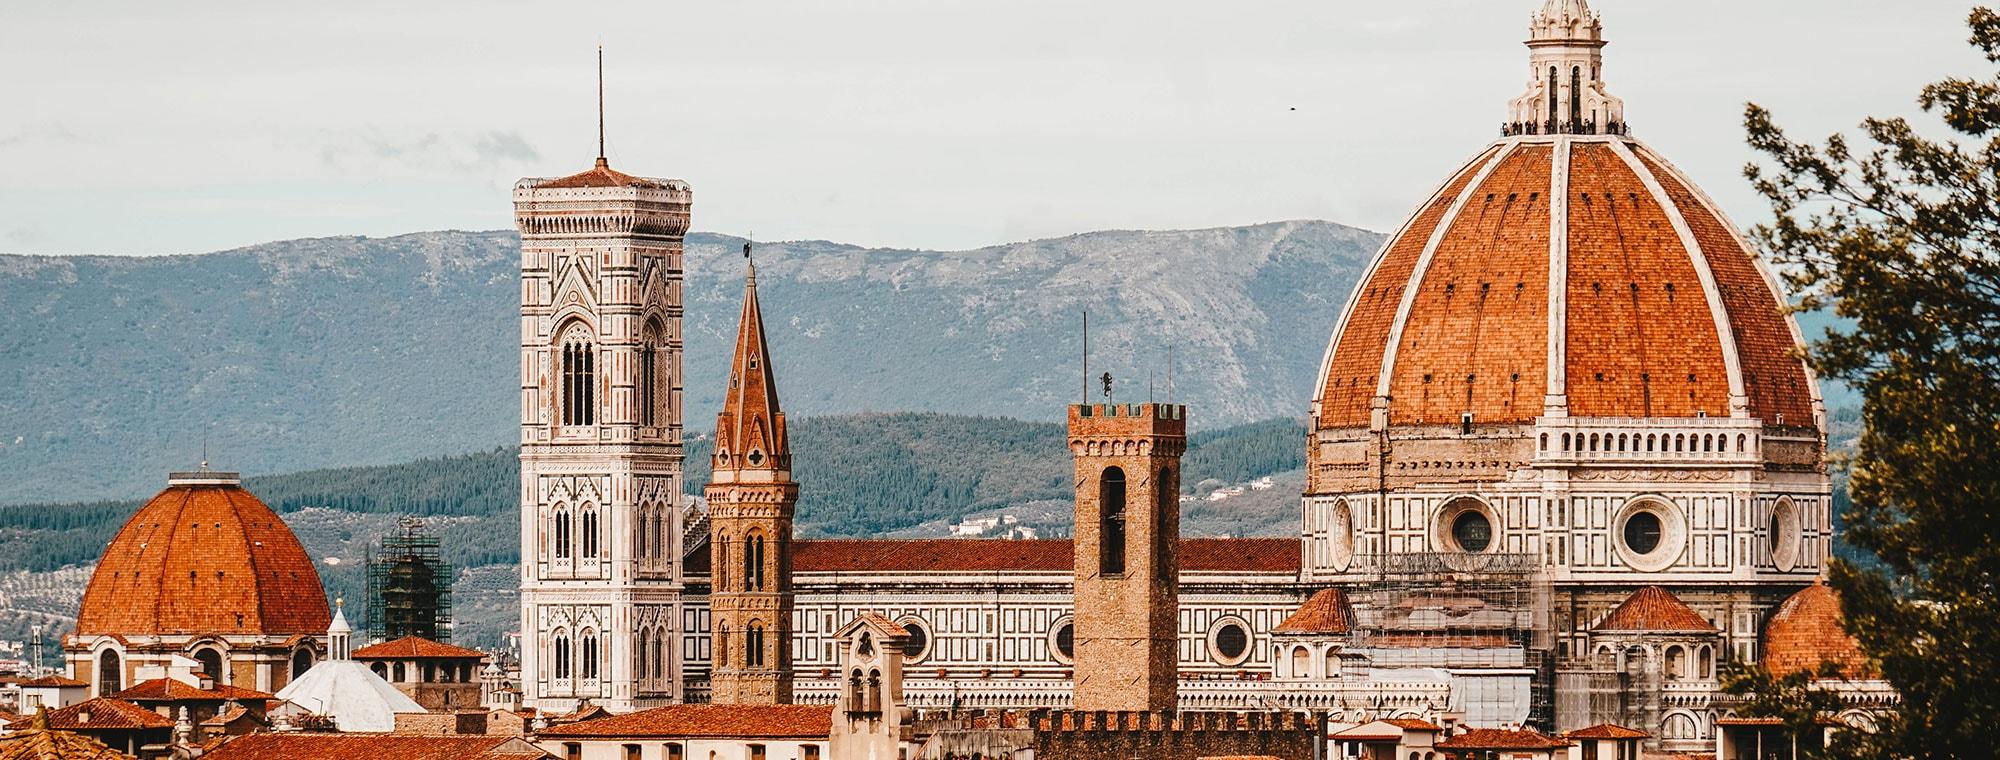 Dove dormire a Firenze? | Plus Hostels